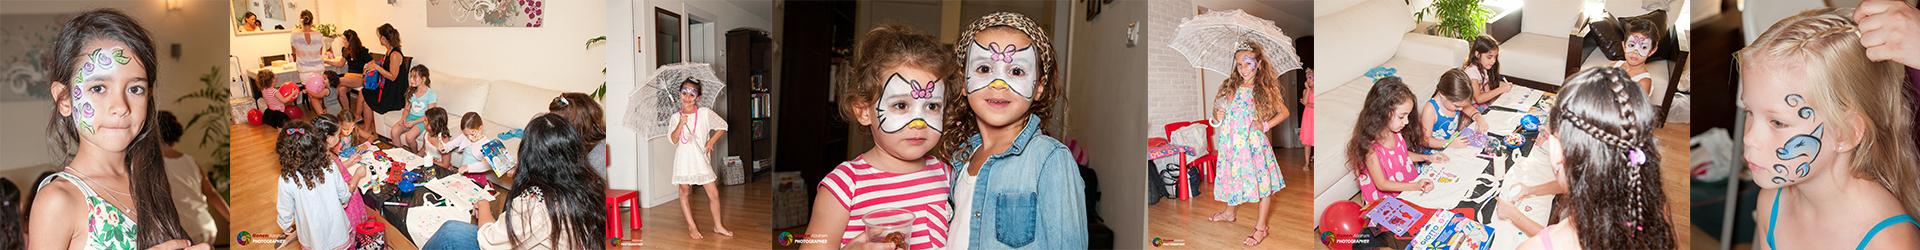 ציורי פנים לילדים